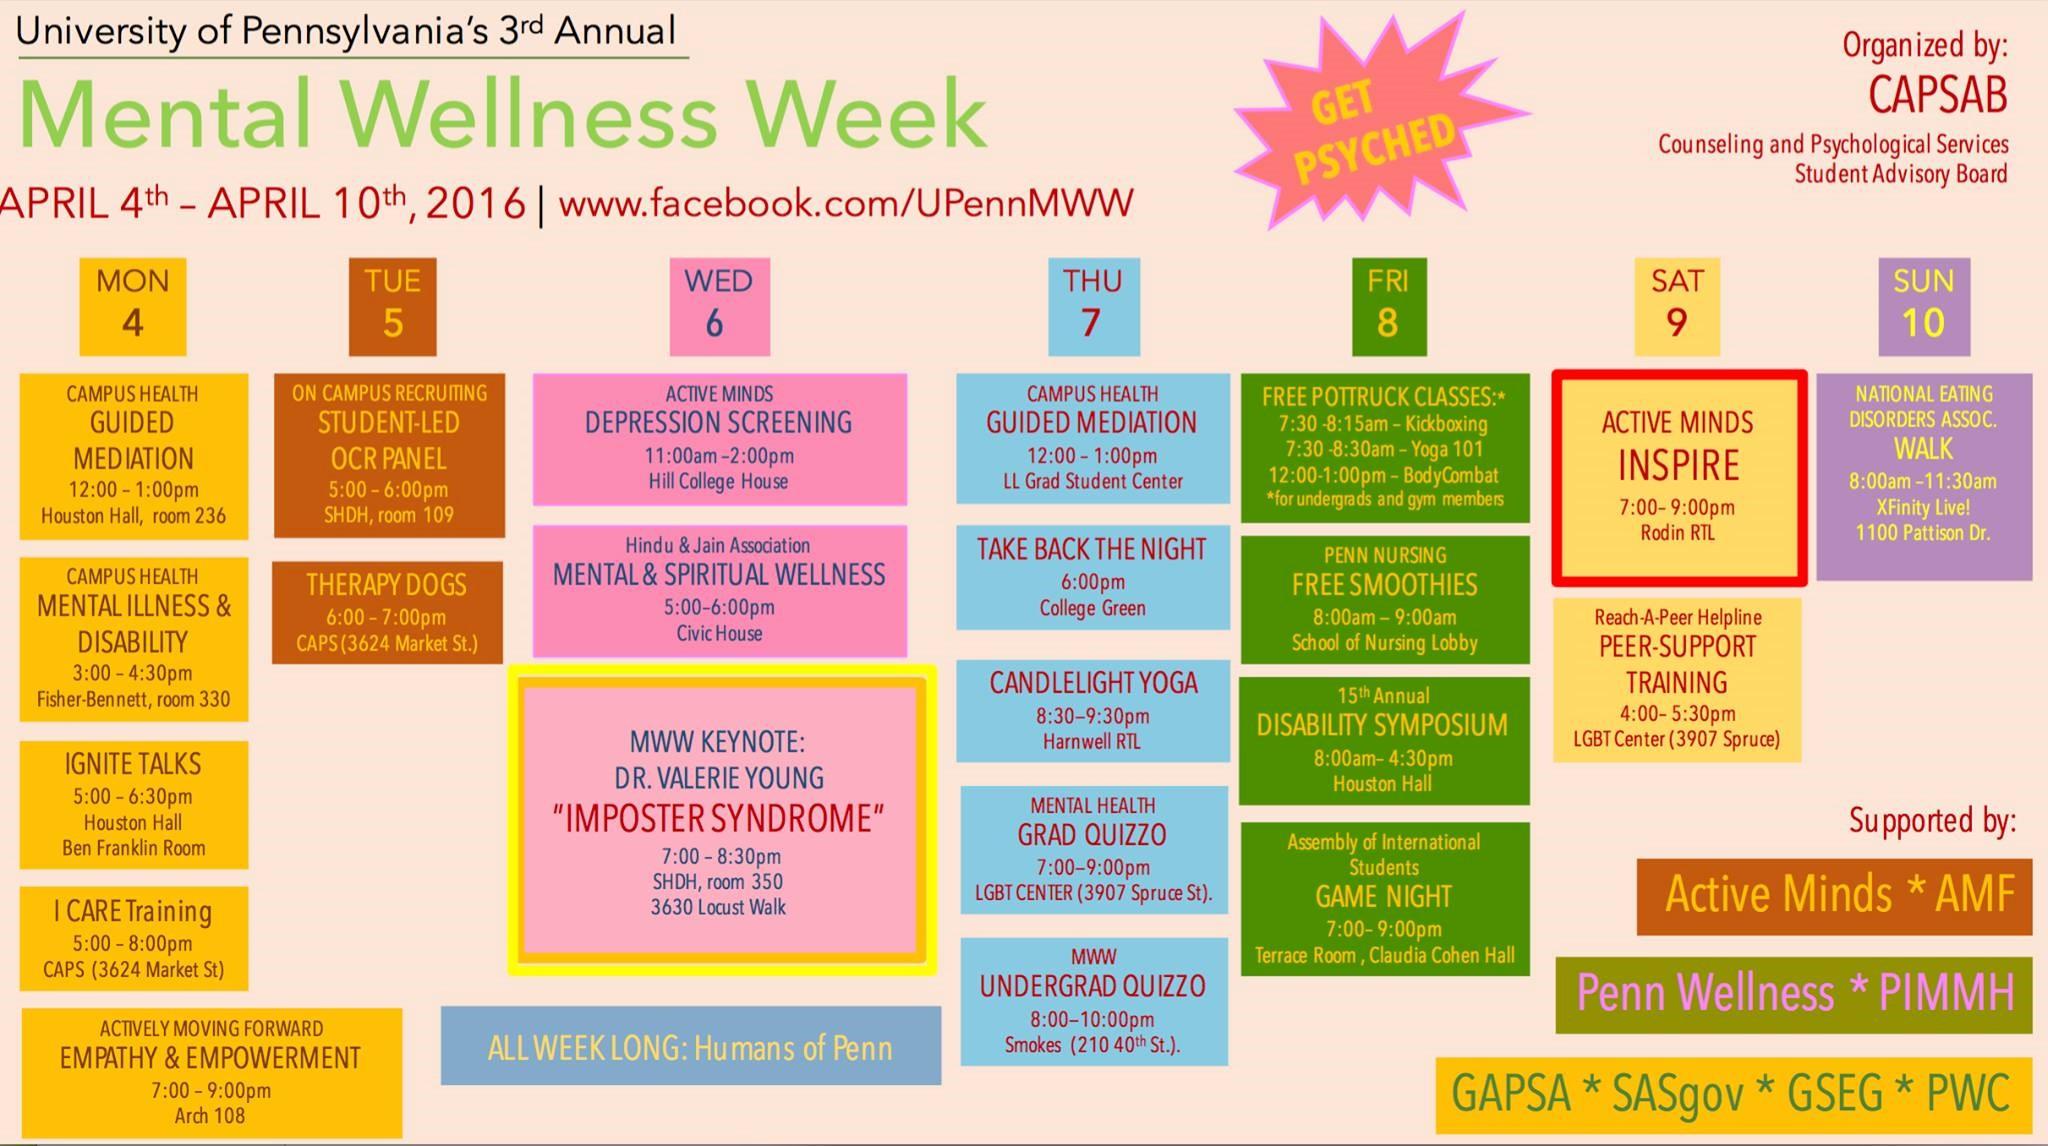 Mental Health Week - Penn & Beyond